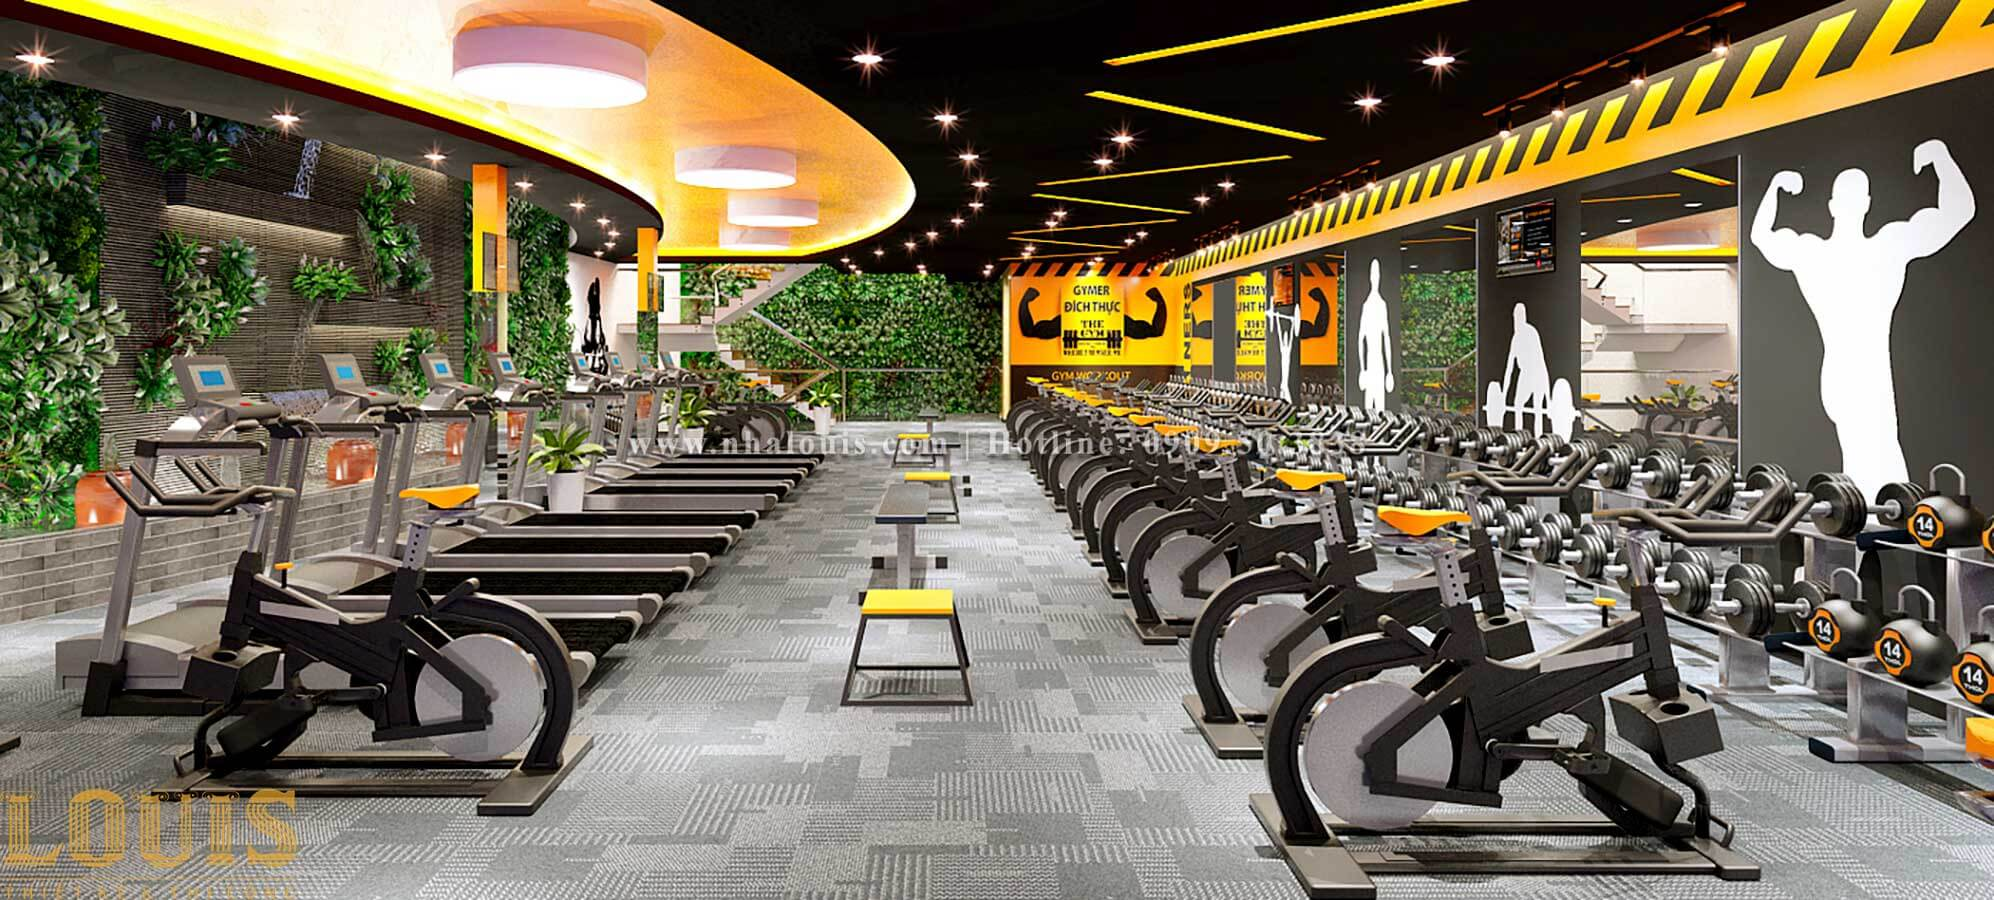 Phòng tập Mẫu thiết kế phòng gym chuẩn hiện đại tại Quận 9 - 08